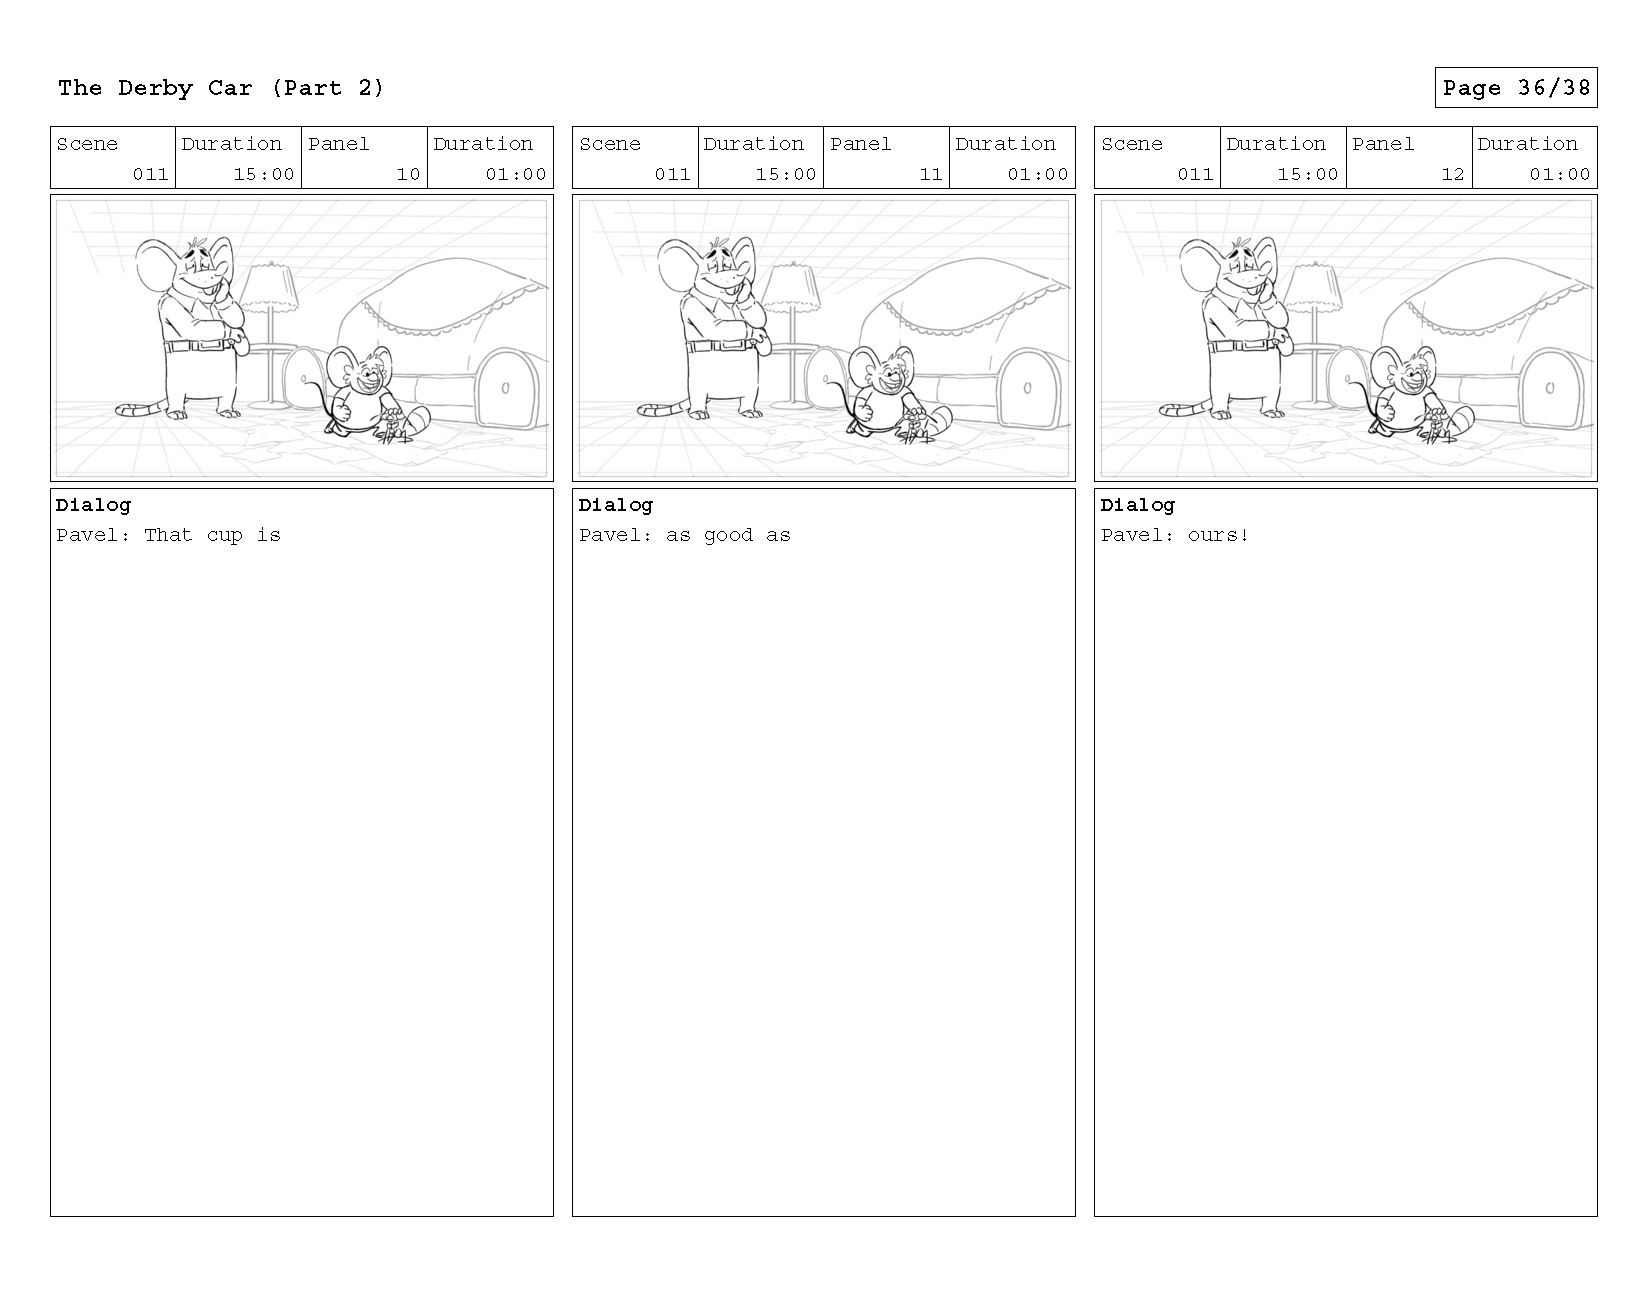 thelfer_derbycar2_Page_37.jpg